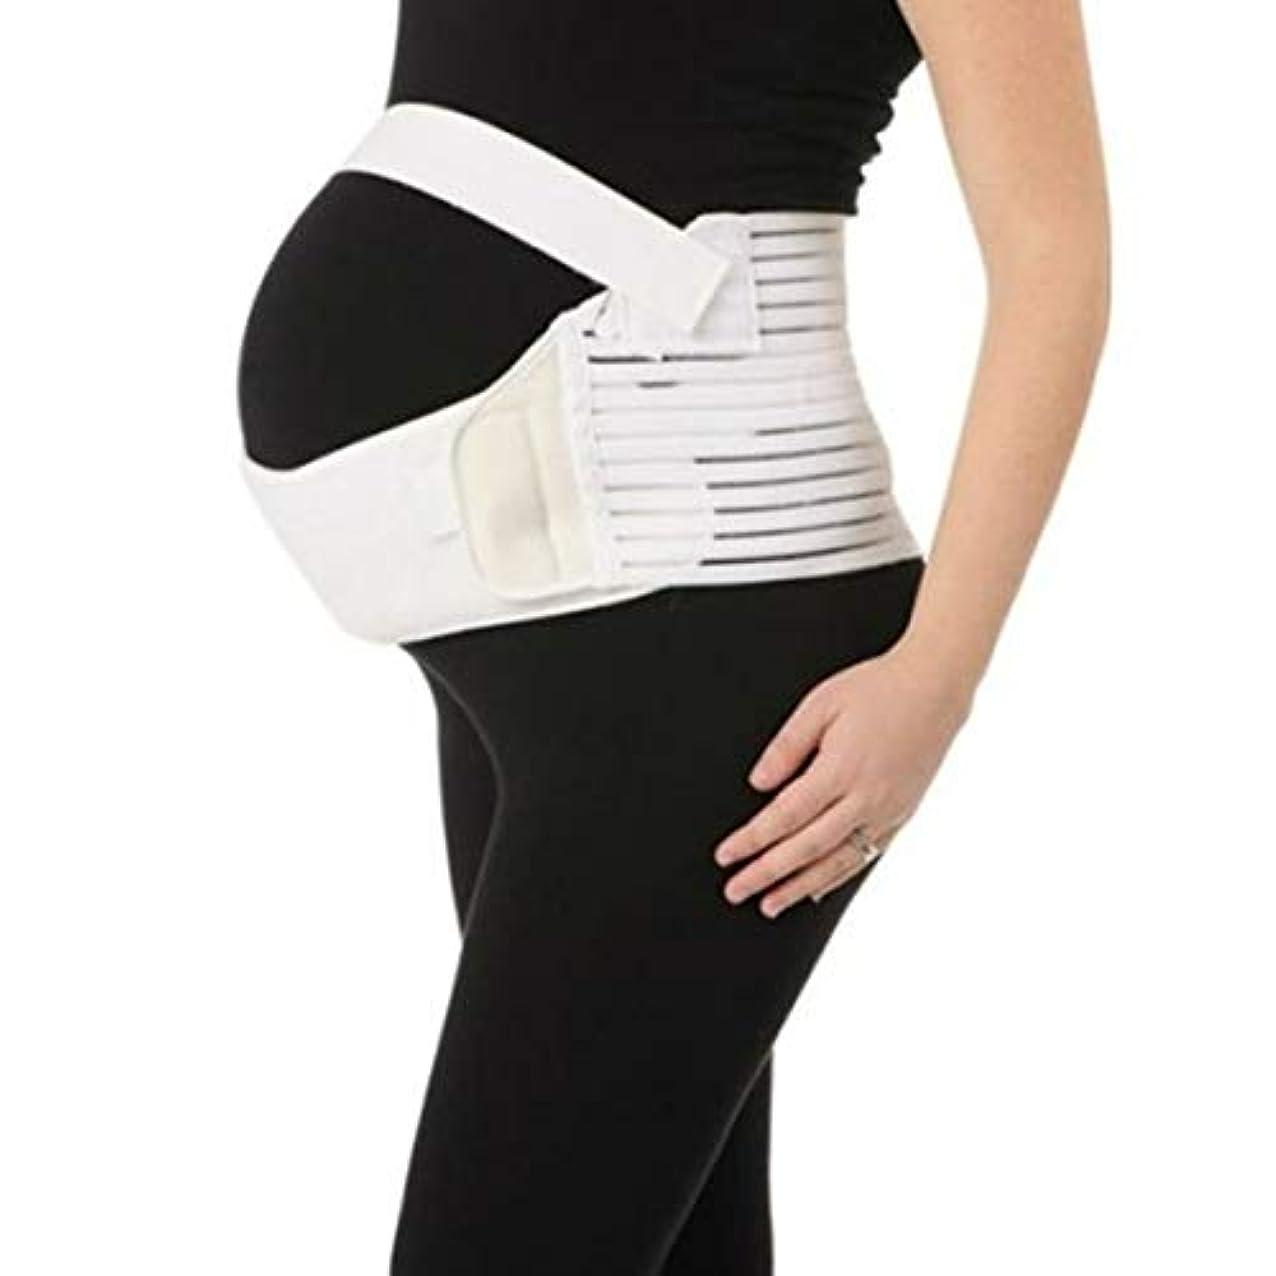 無条件無力ダンプ通気性産科ベルト妊娠腹部サポート腹部バインダーガードル運動包帯産後の回復形状ウェア - ホワイトM